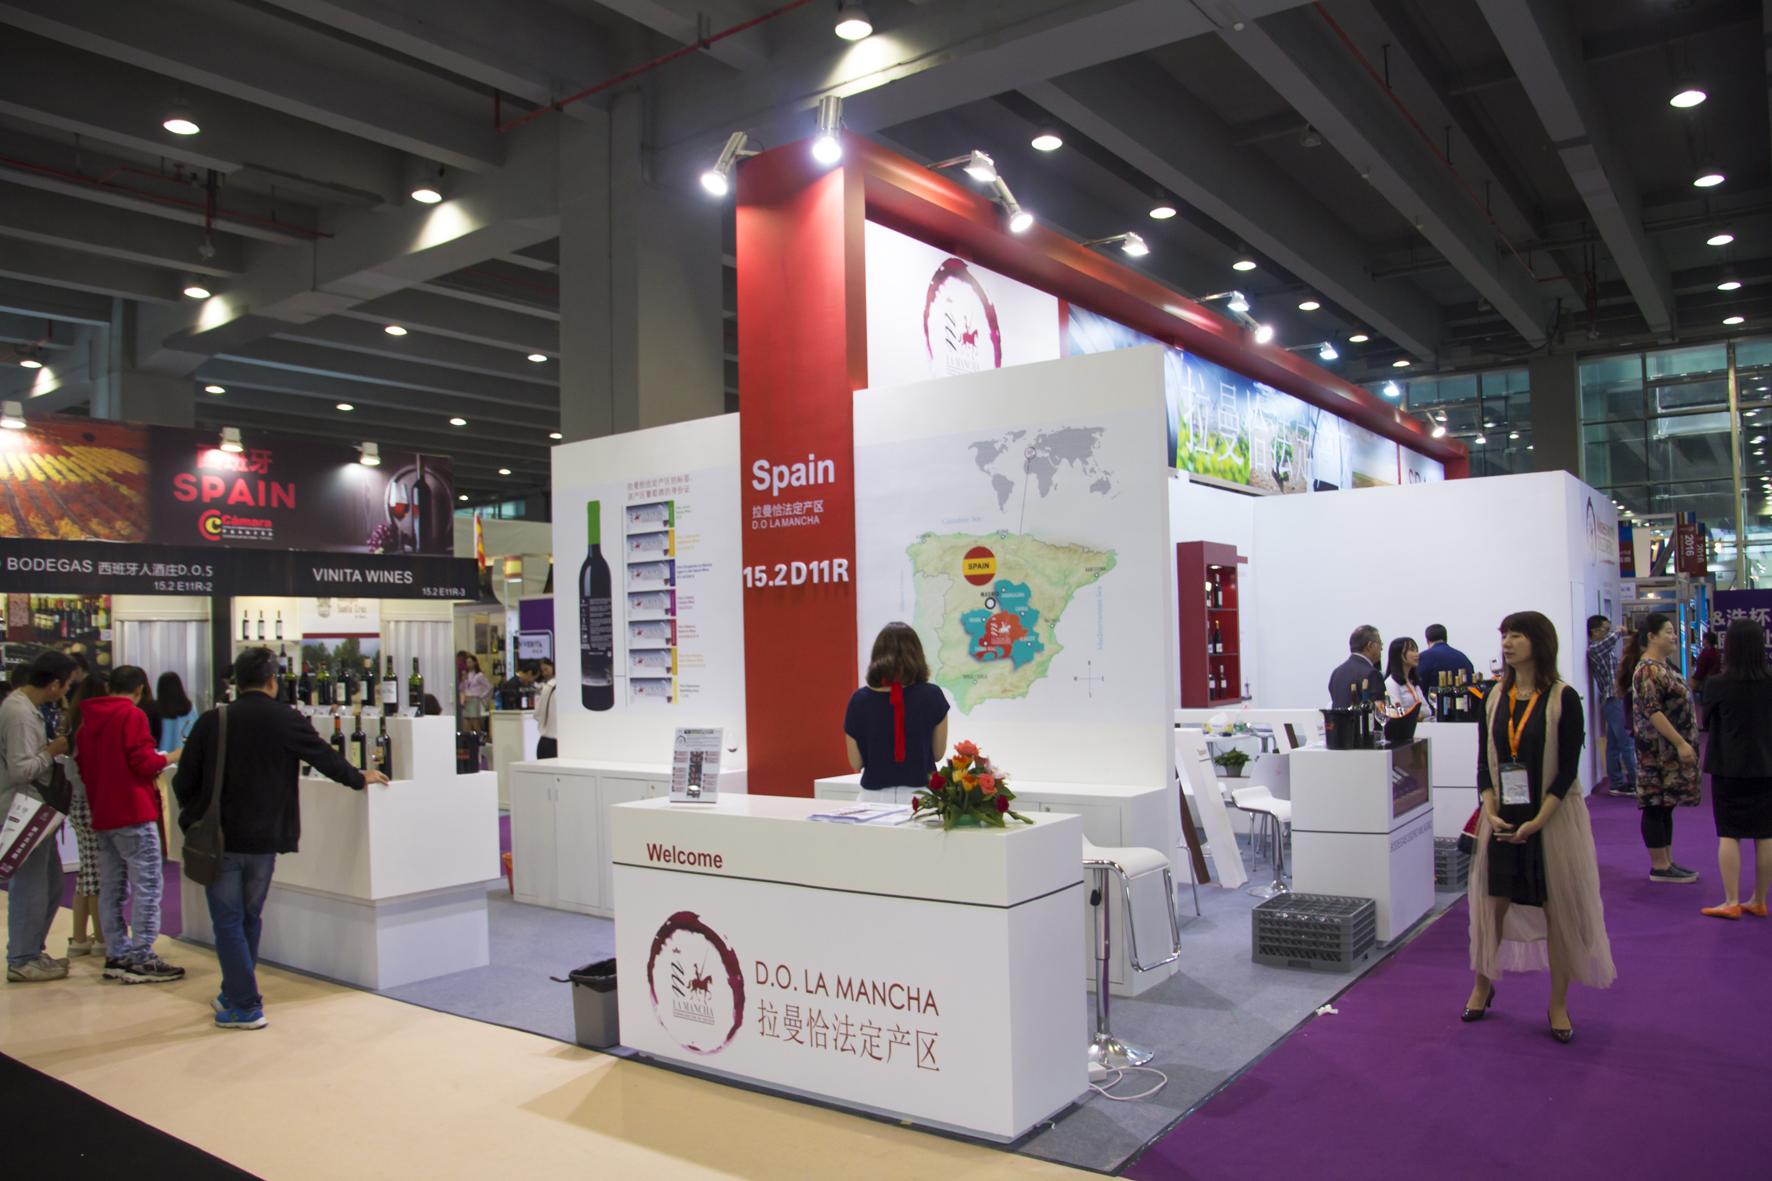 Los vinos do la mancha consolidan su posici n en el for Oficina consumidor getafe